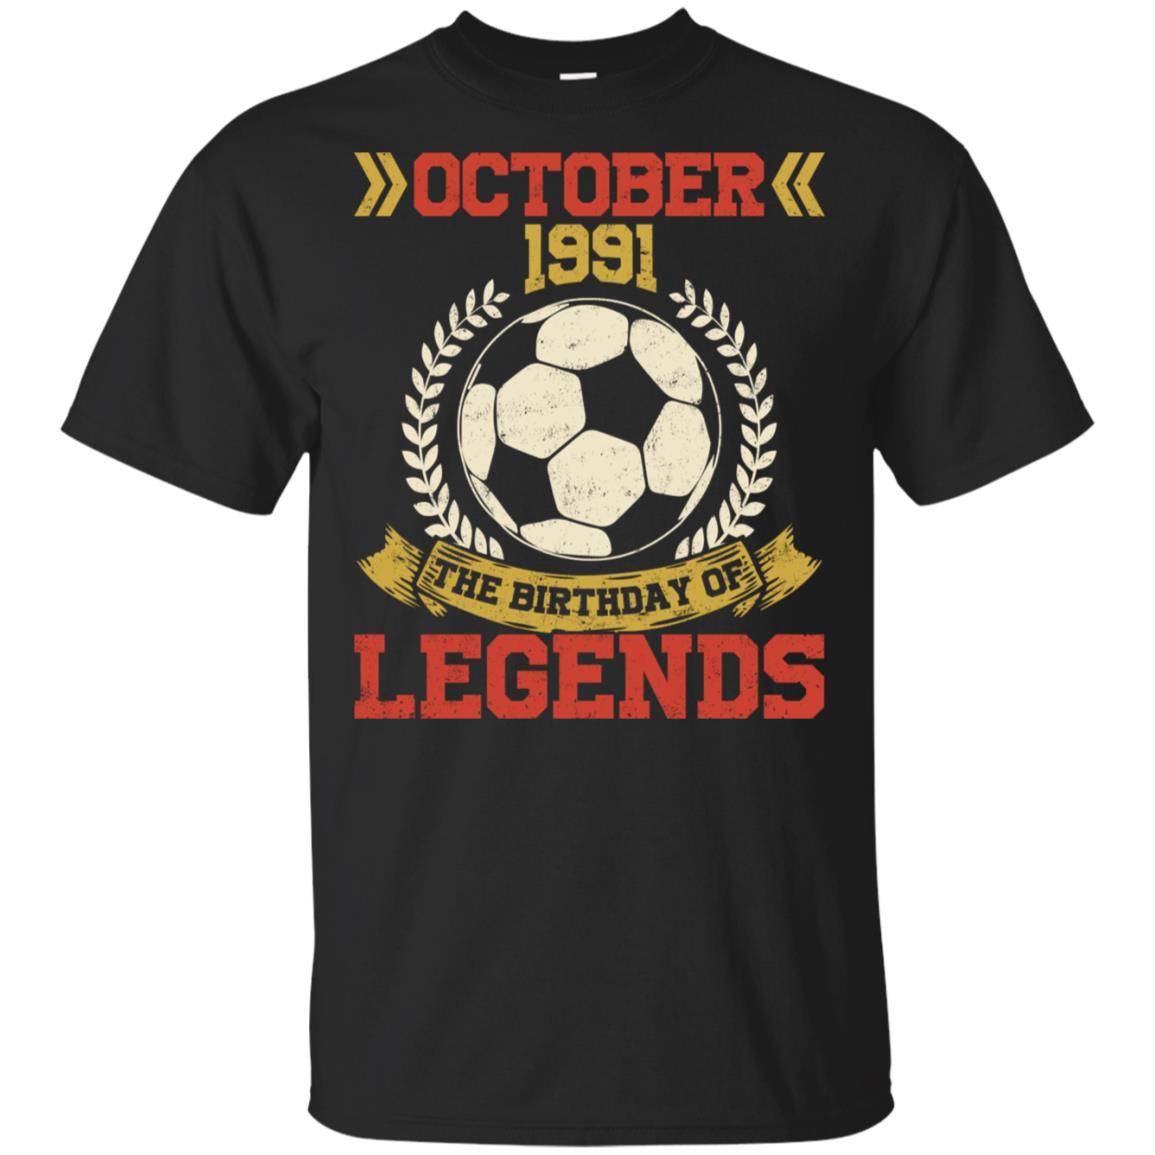 1991 October 27th Birthday Of Football Soccer Legend Unisex Short Sleeve